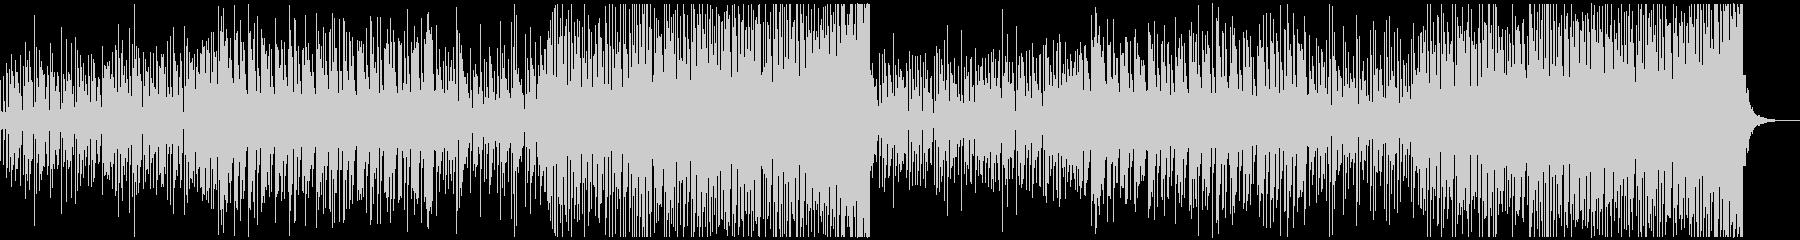 クール・スタイリッシュ・EDM・3の未再生の波形